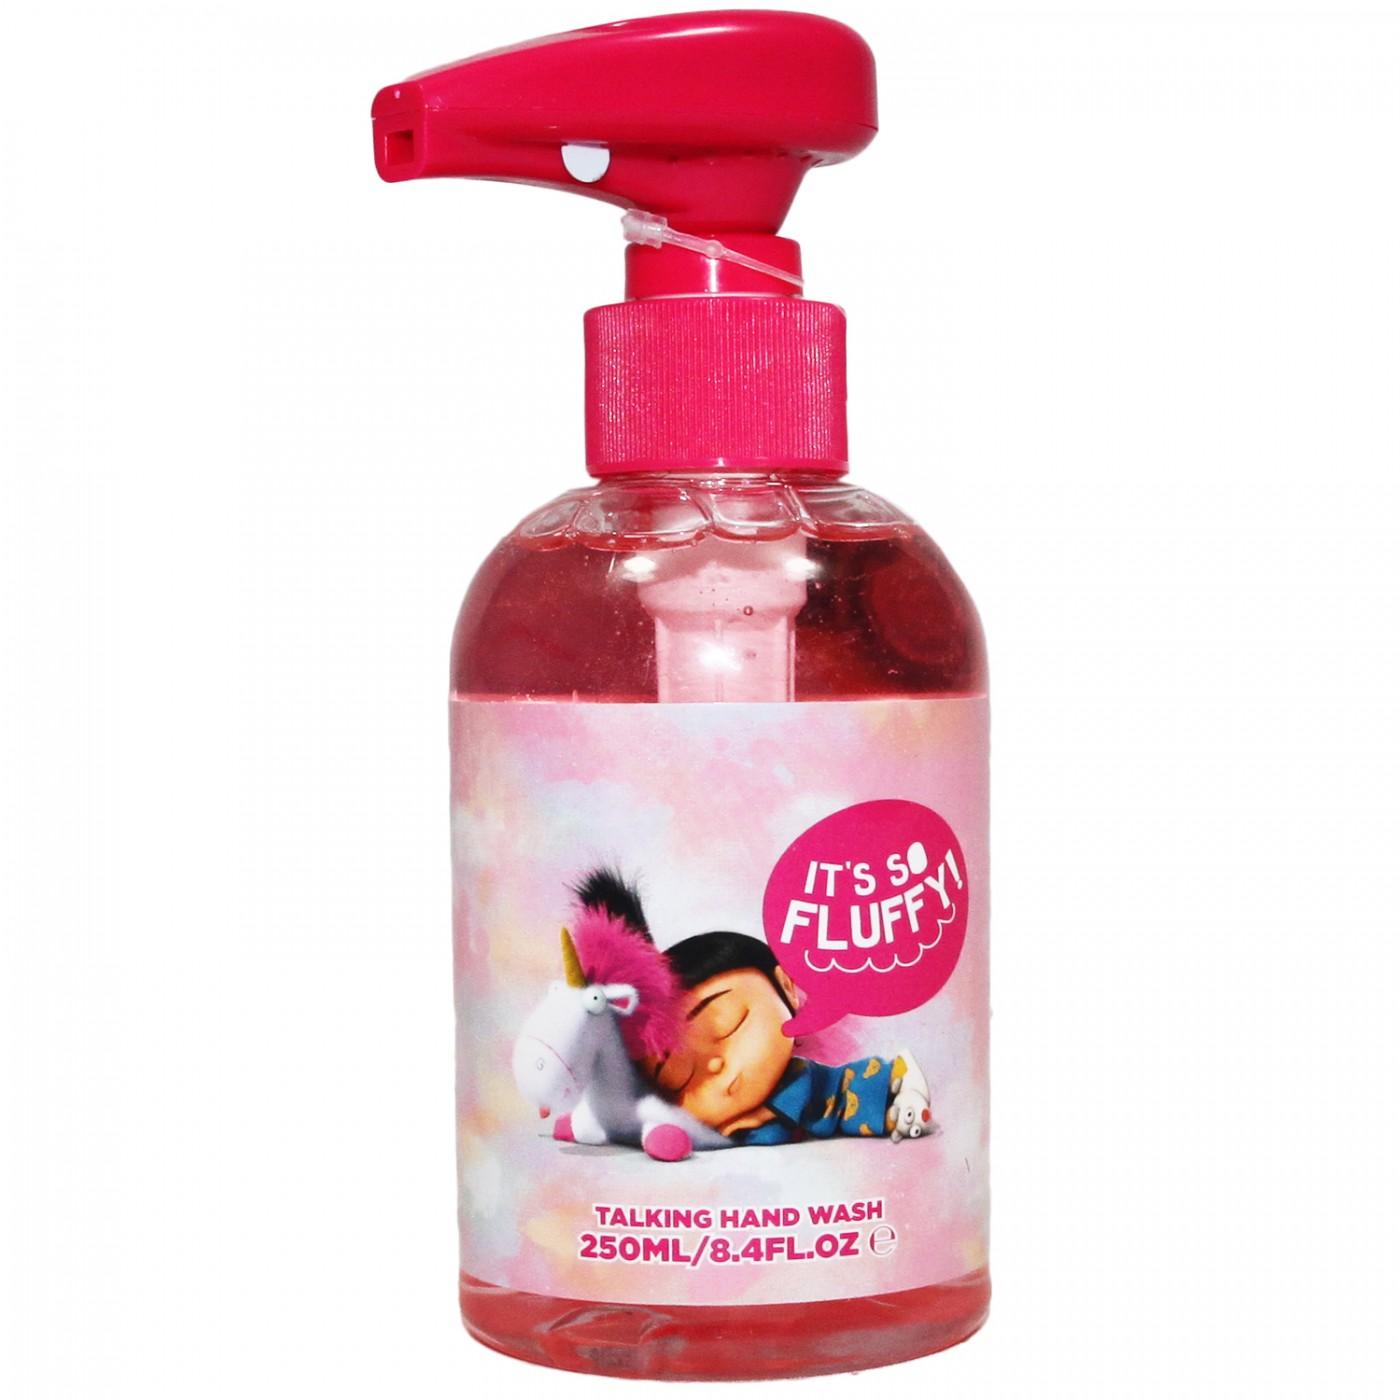 Mydło grające Minionki - Różowe - It's so fluffy